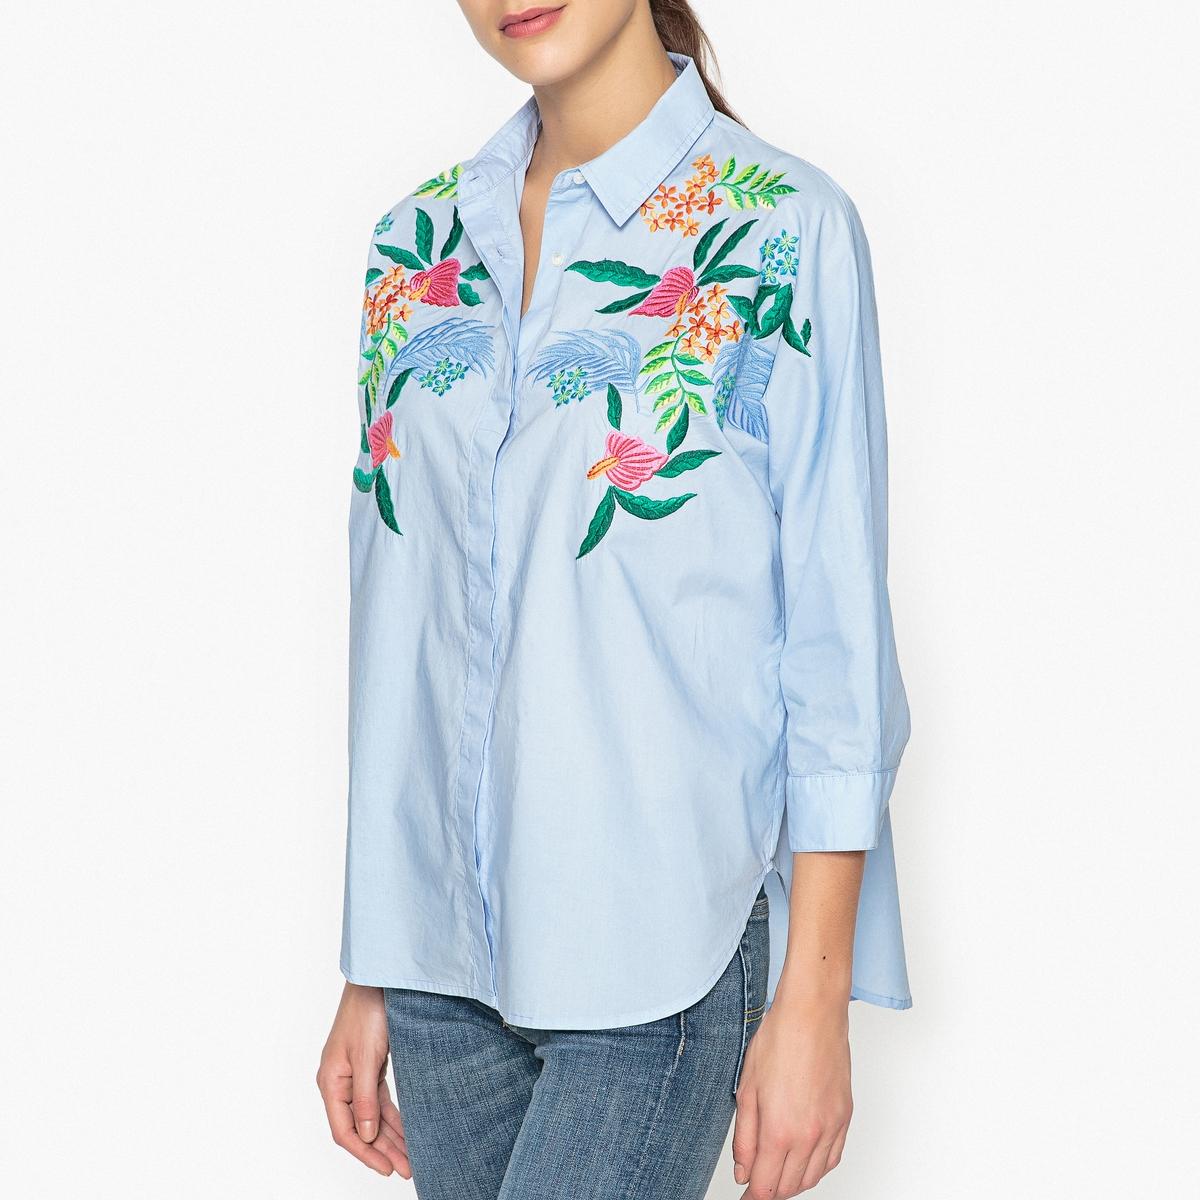 Рубашка с вышивкой OXLEYEMBO